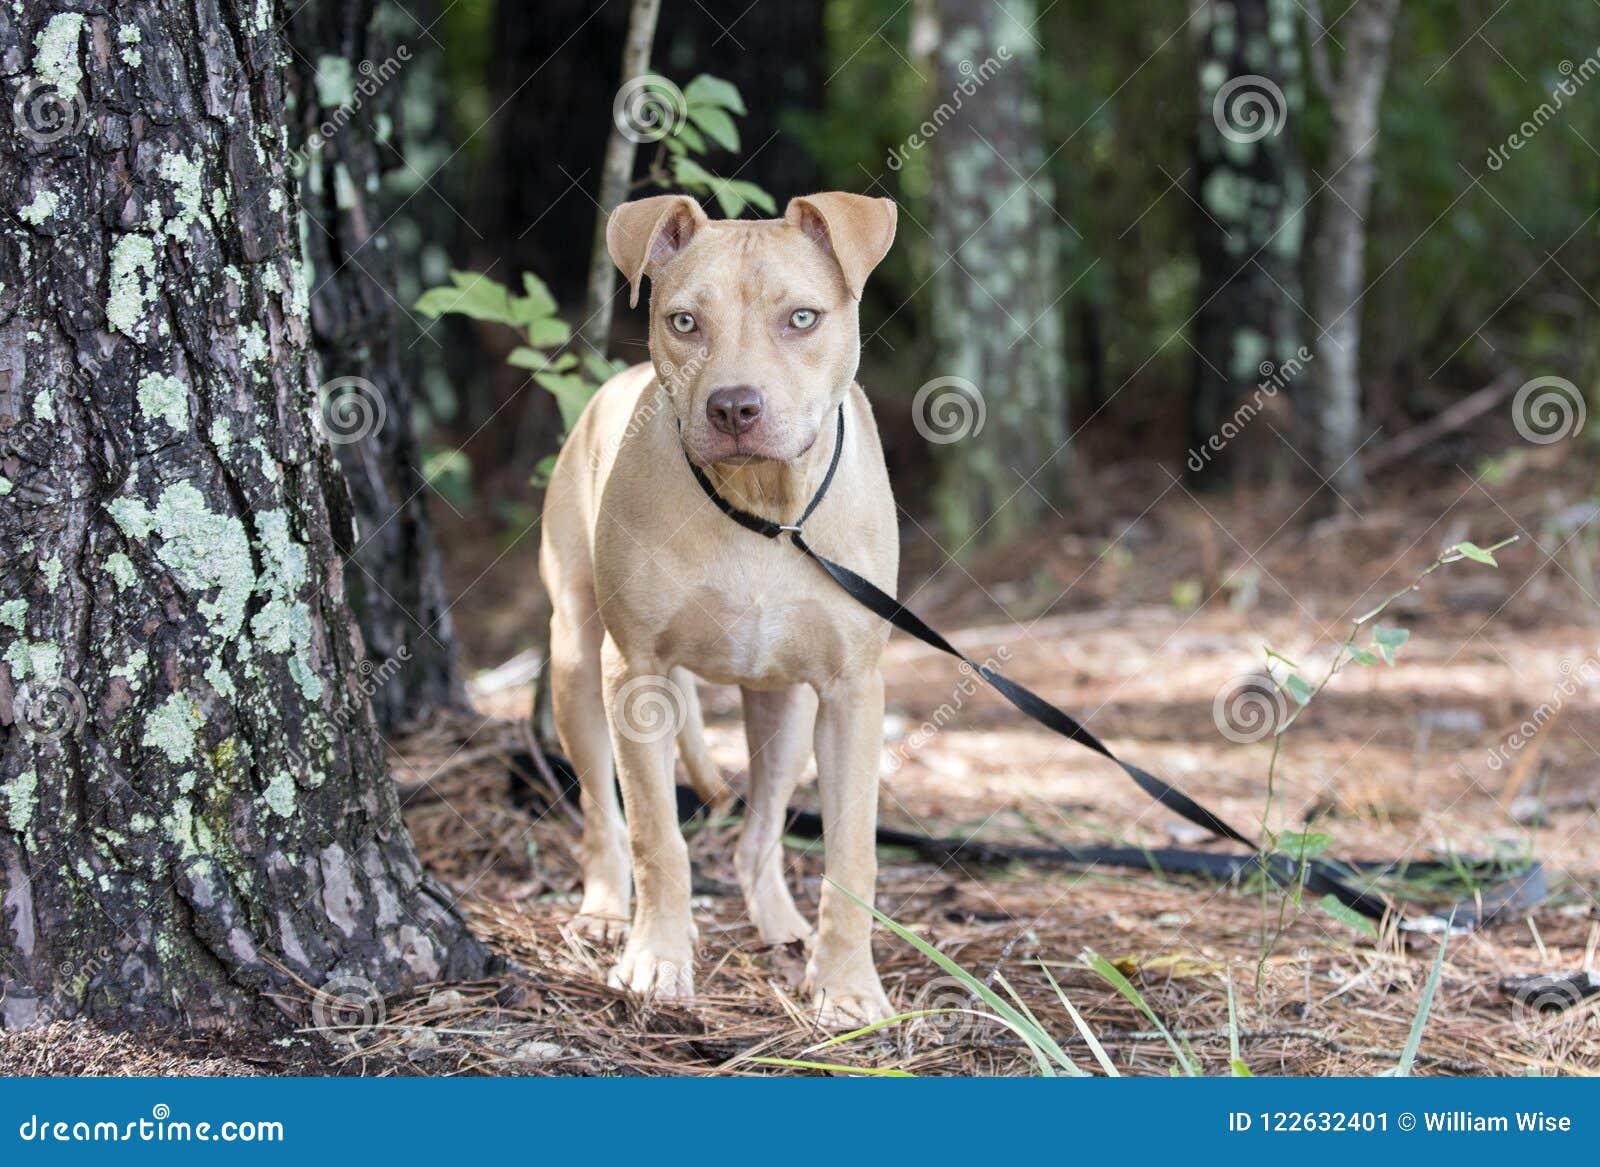 Pitbull Puppy Dog Outside On Leash Stock Image - Image of